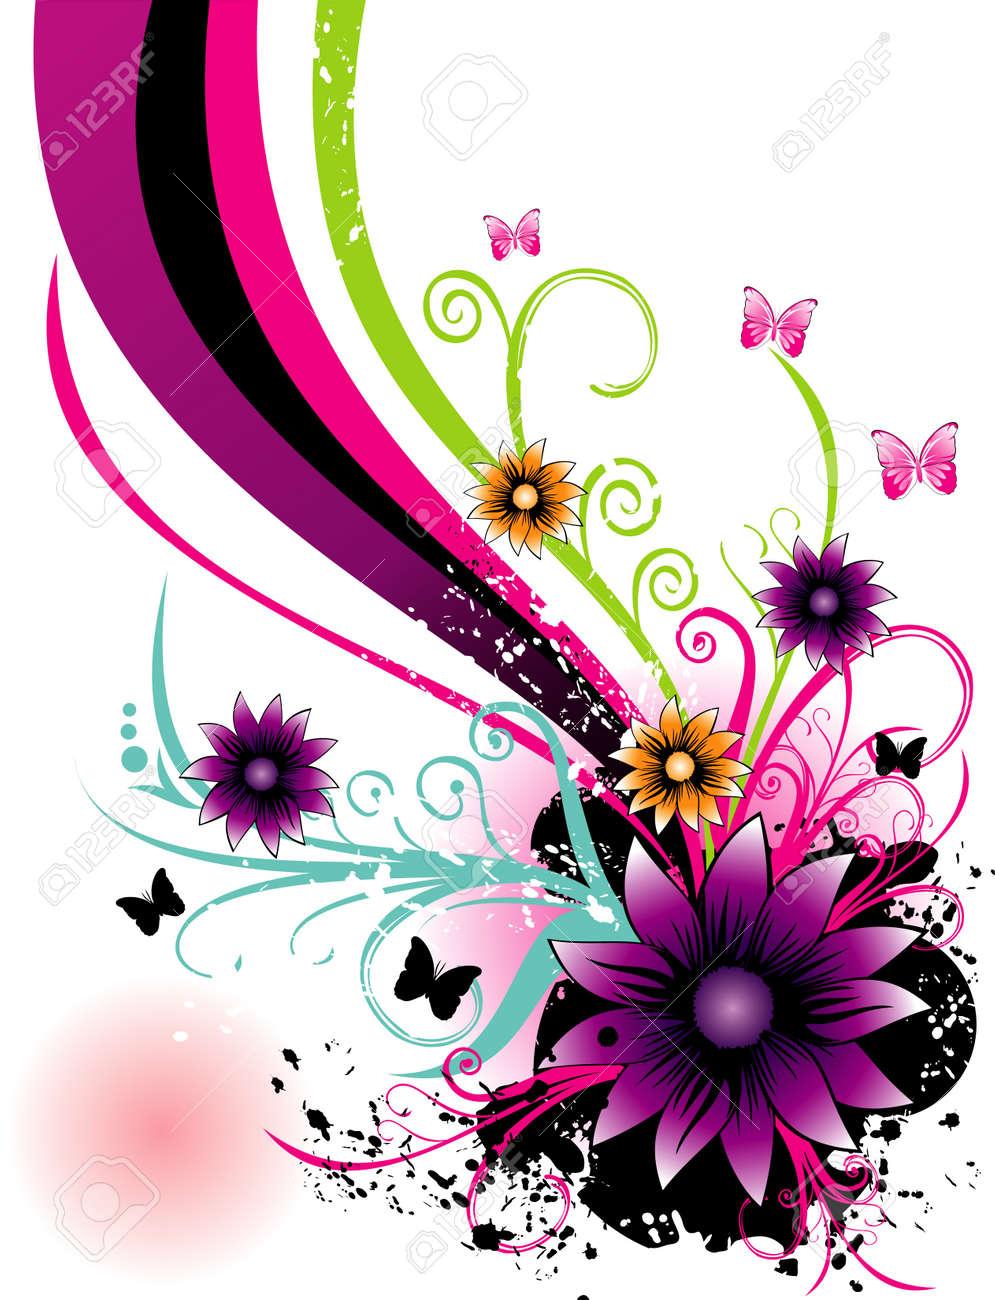 クールな背景を持つ花のベクトル イラストのイラスト素材 ベクタ Image